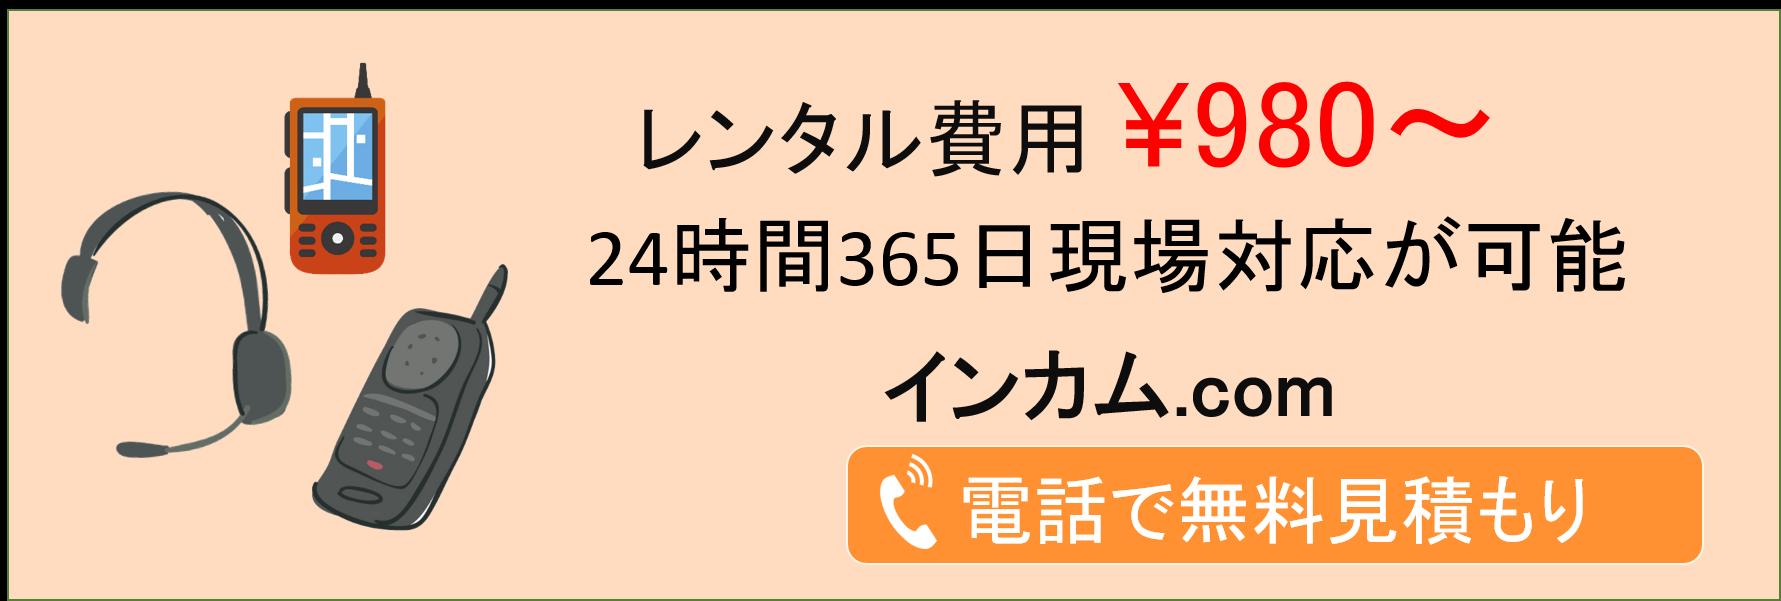 incom_無線機レンタルバナー